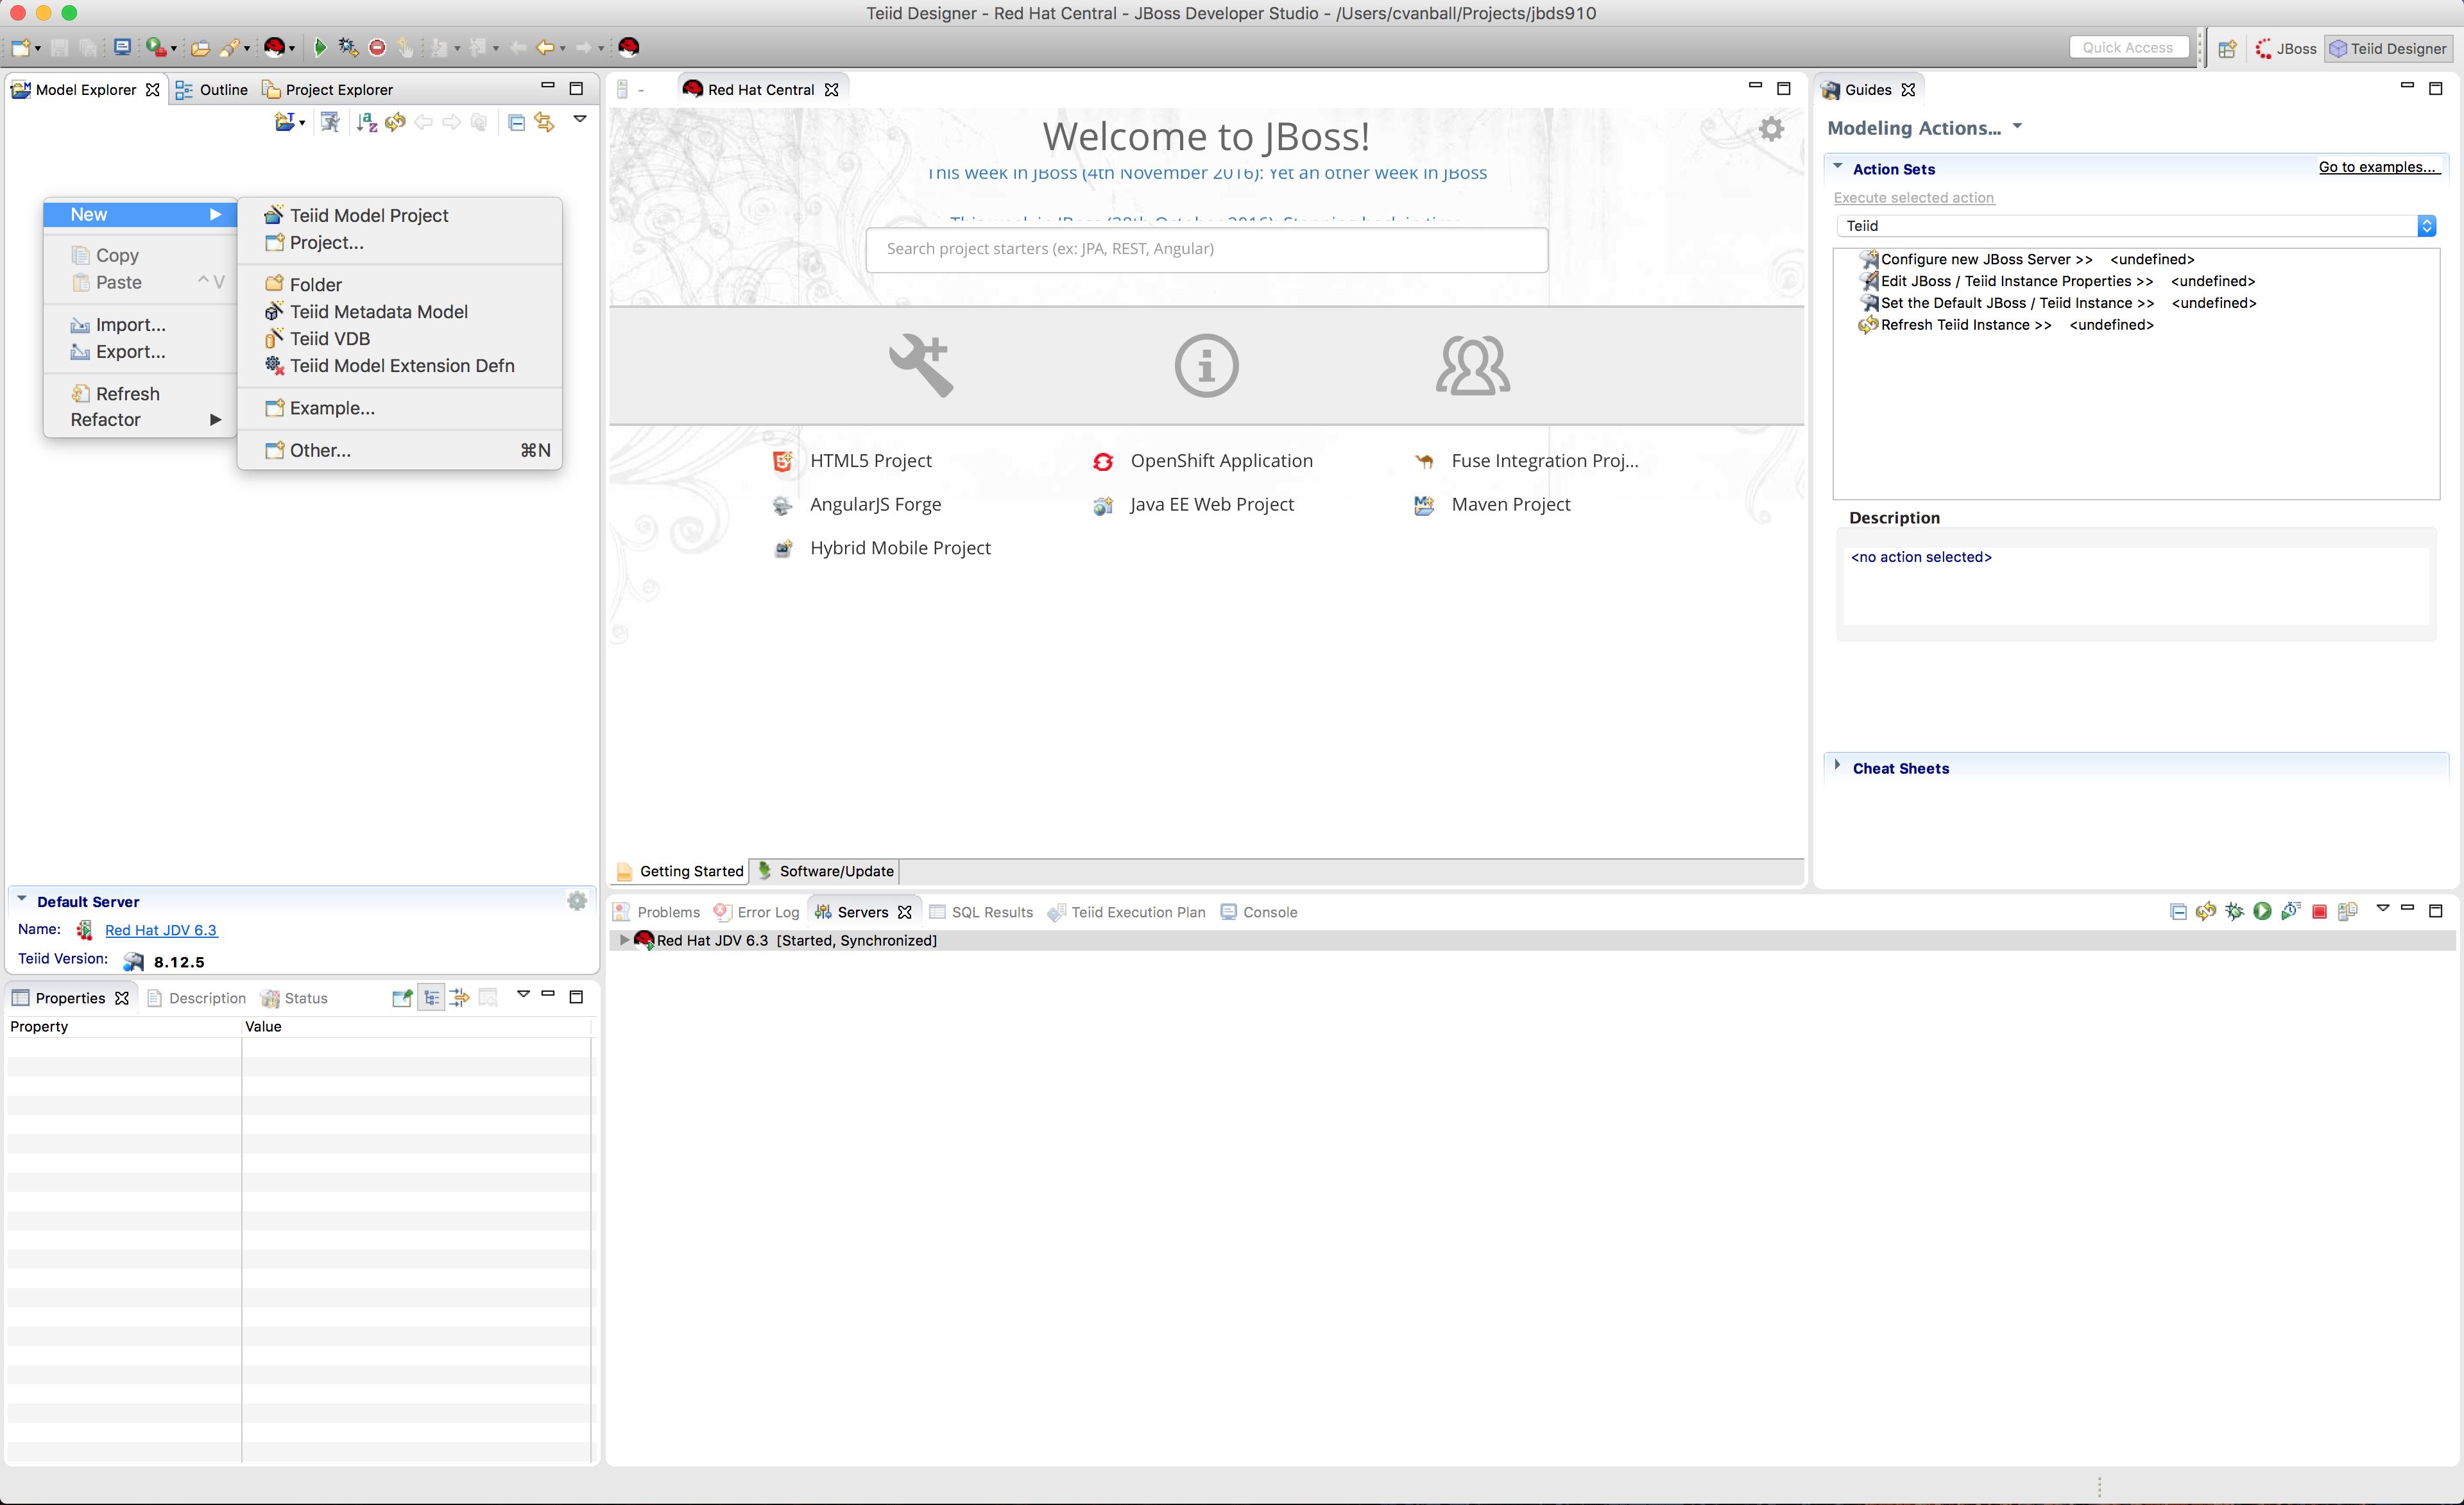 Unlock your Hadoop data with Hortonworks and Red Hat JBoss